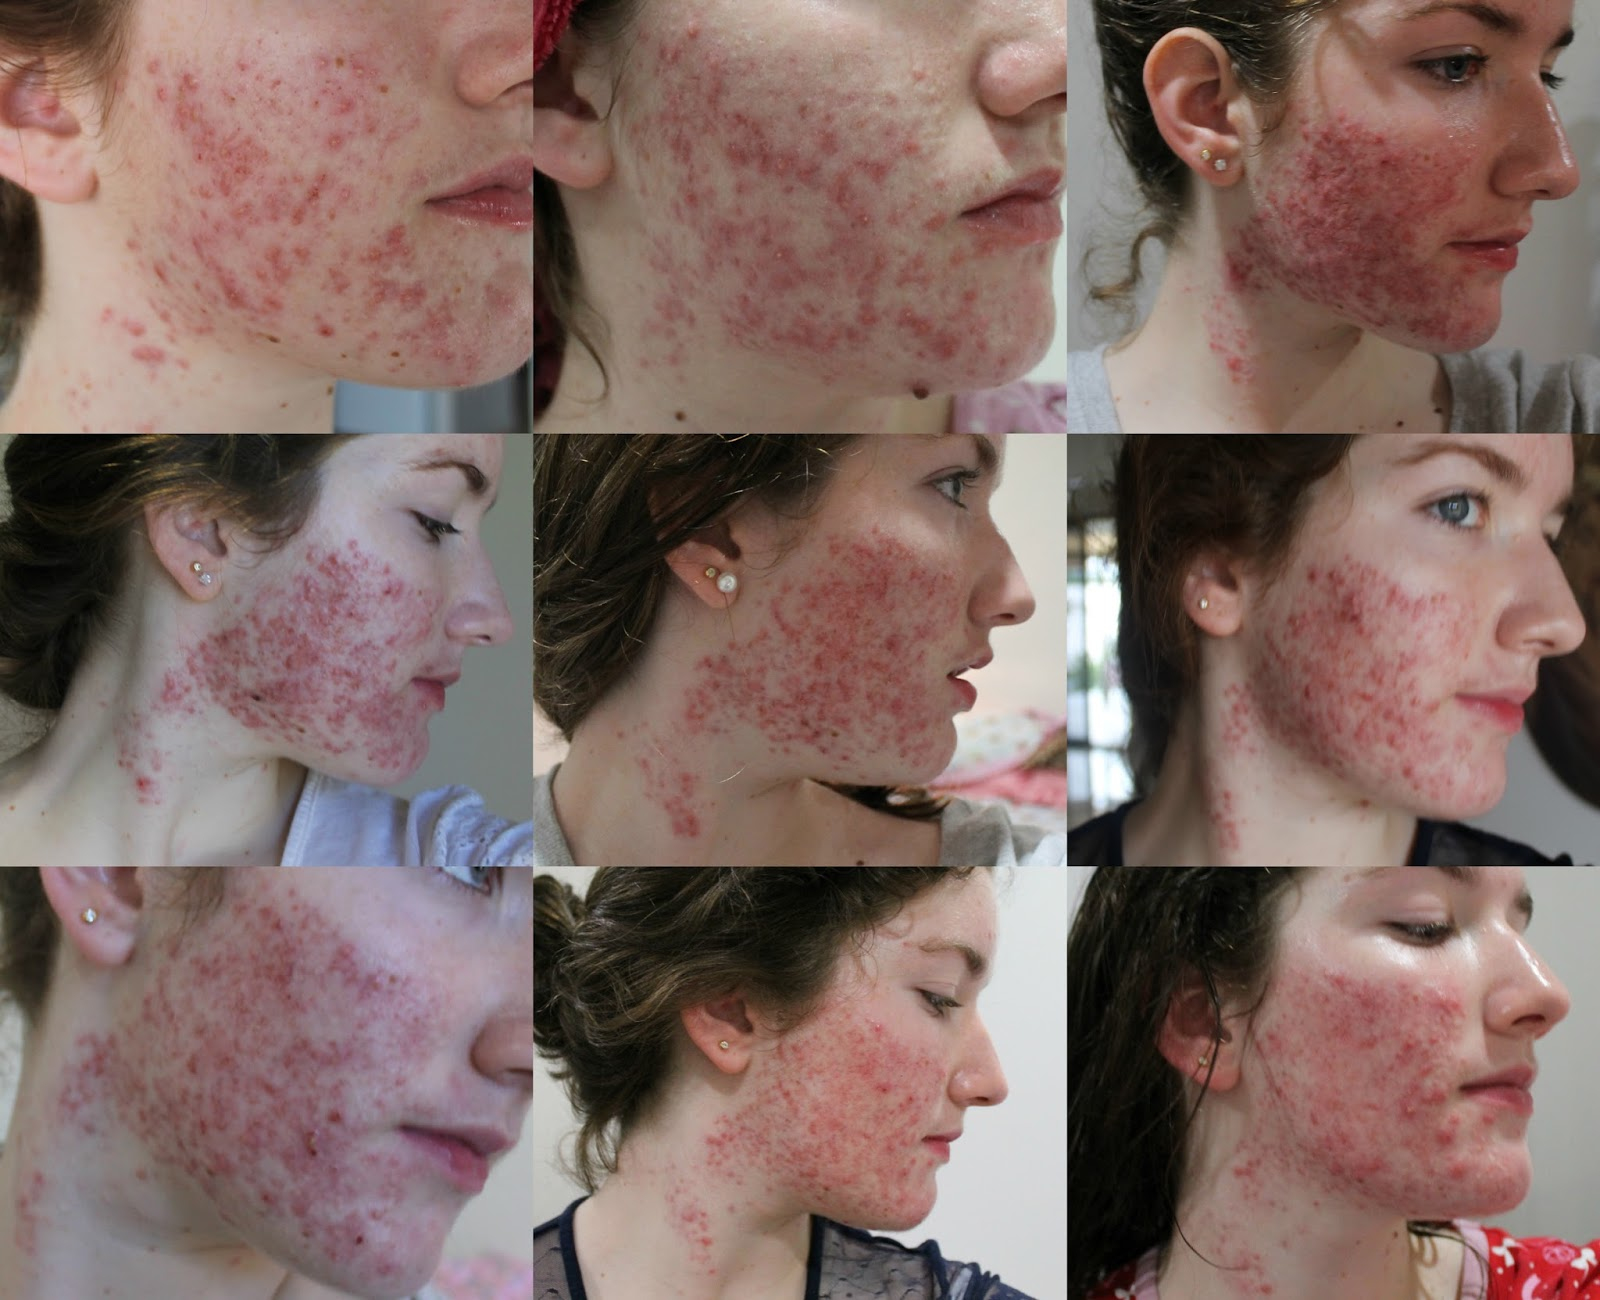 les cicatrices d'acné 1 ans